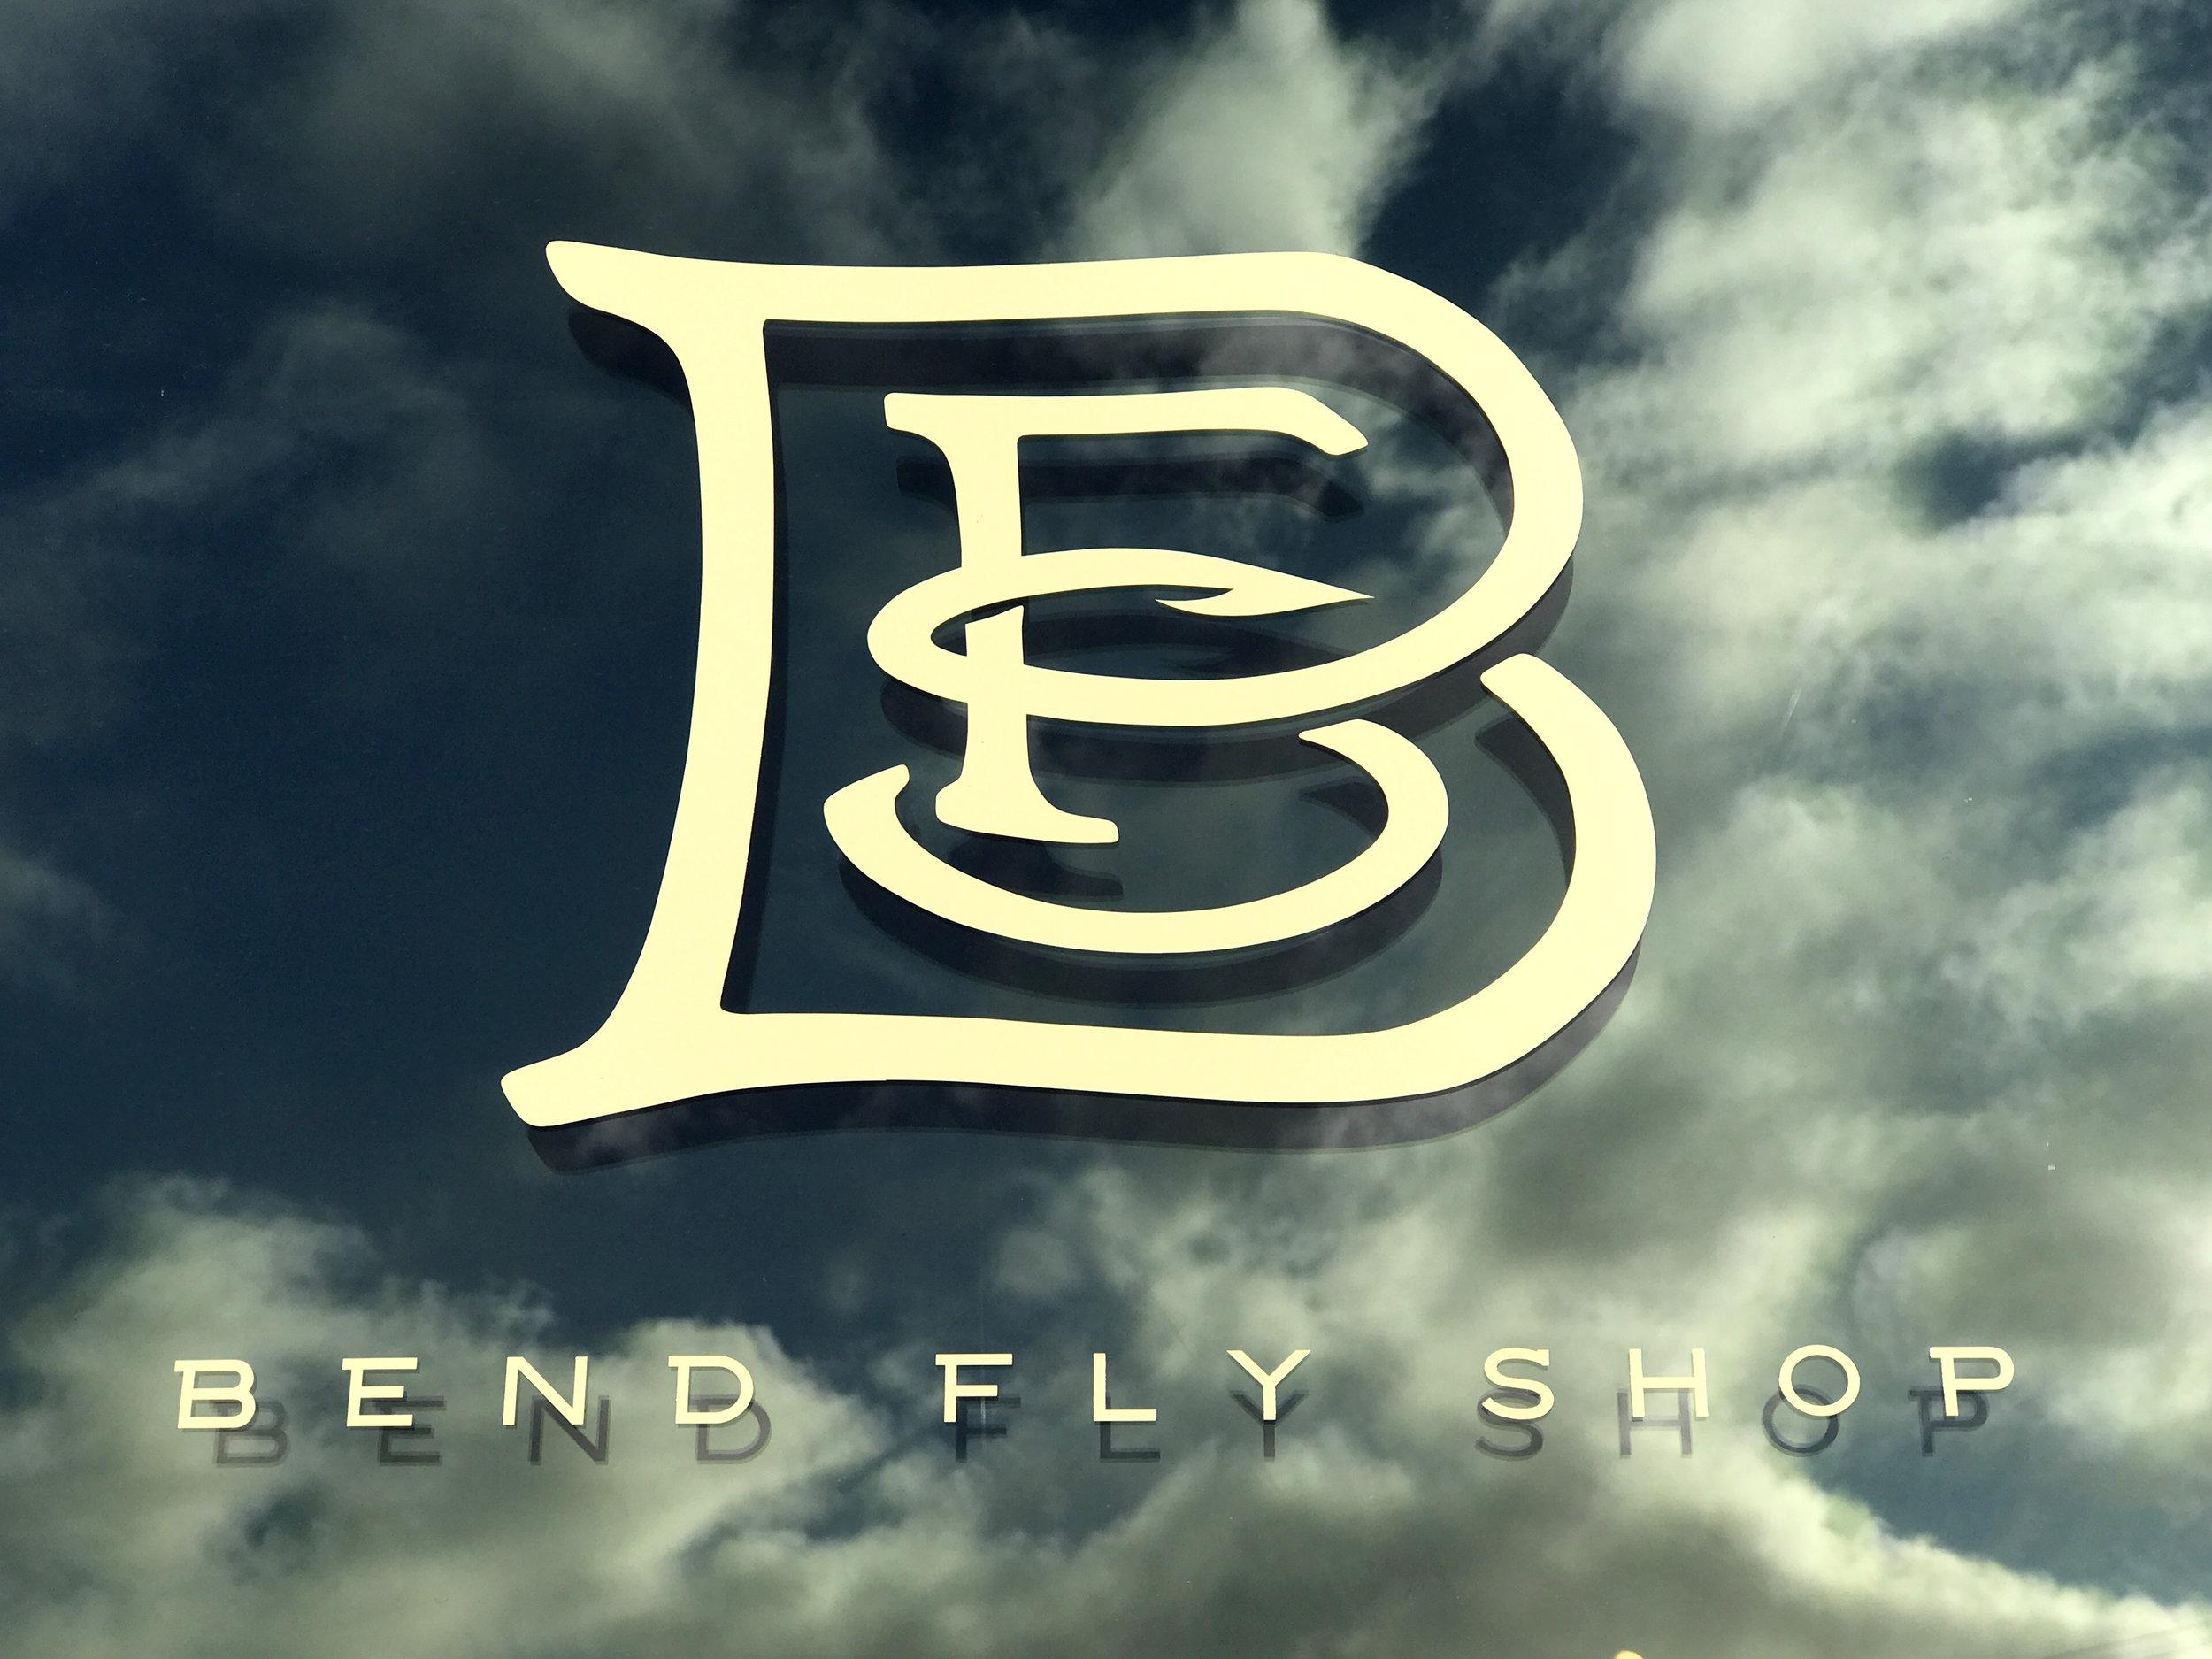 Bend Fly Shop logo on front door.jpg